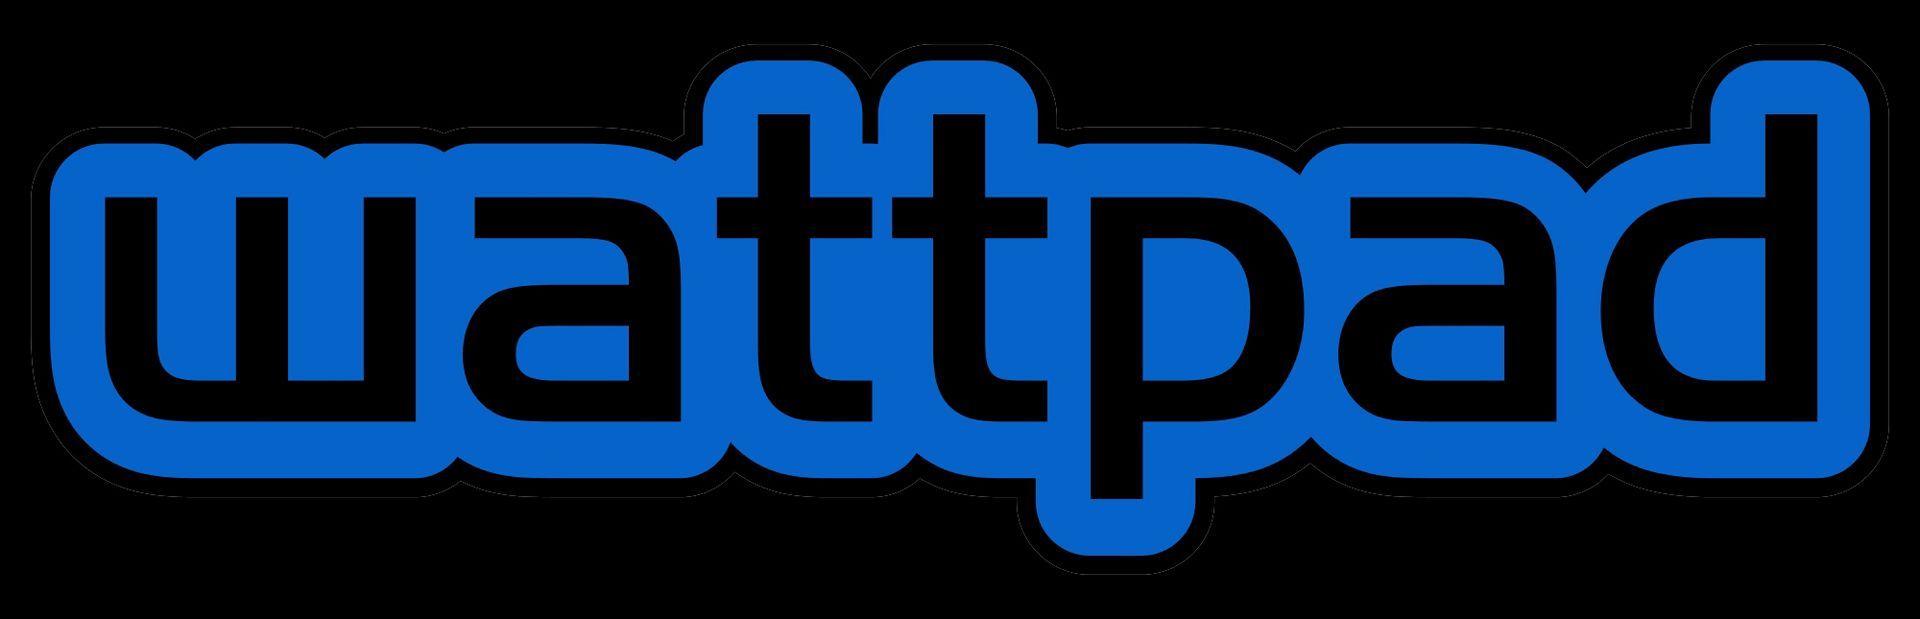 16) предлагаю перекрасить эмблему ваттпада в синий цвет